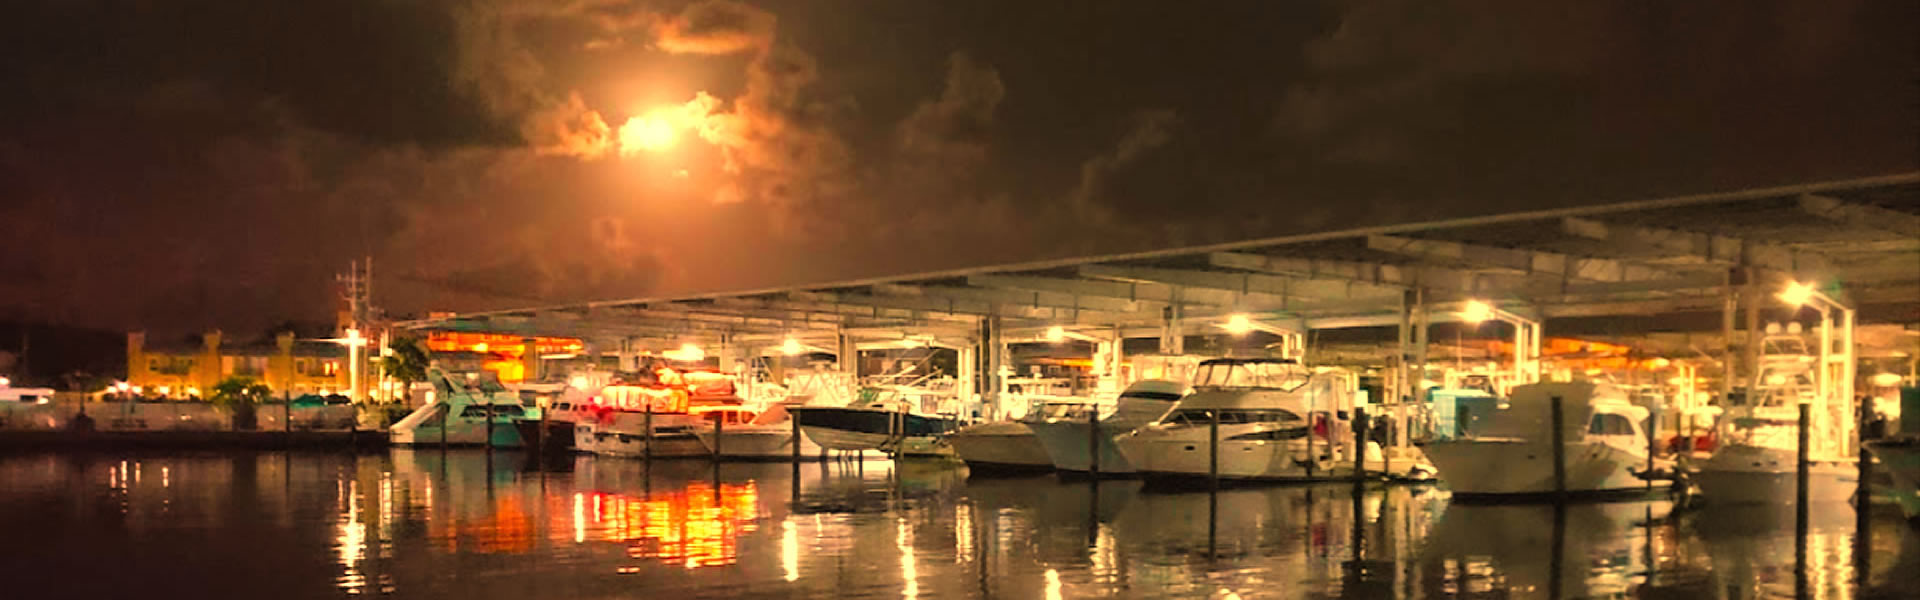 Galveston Yacht Basin Marina, Galveston TX